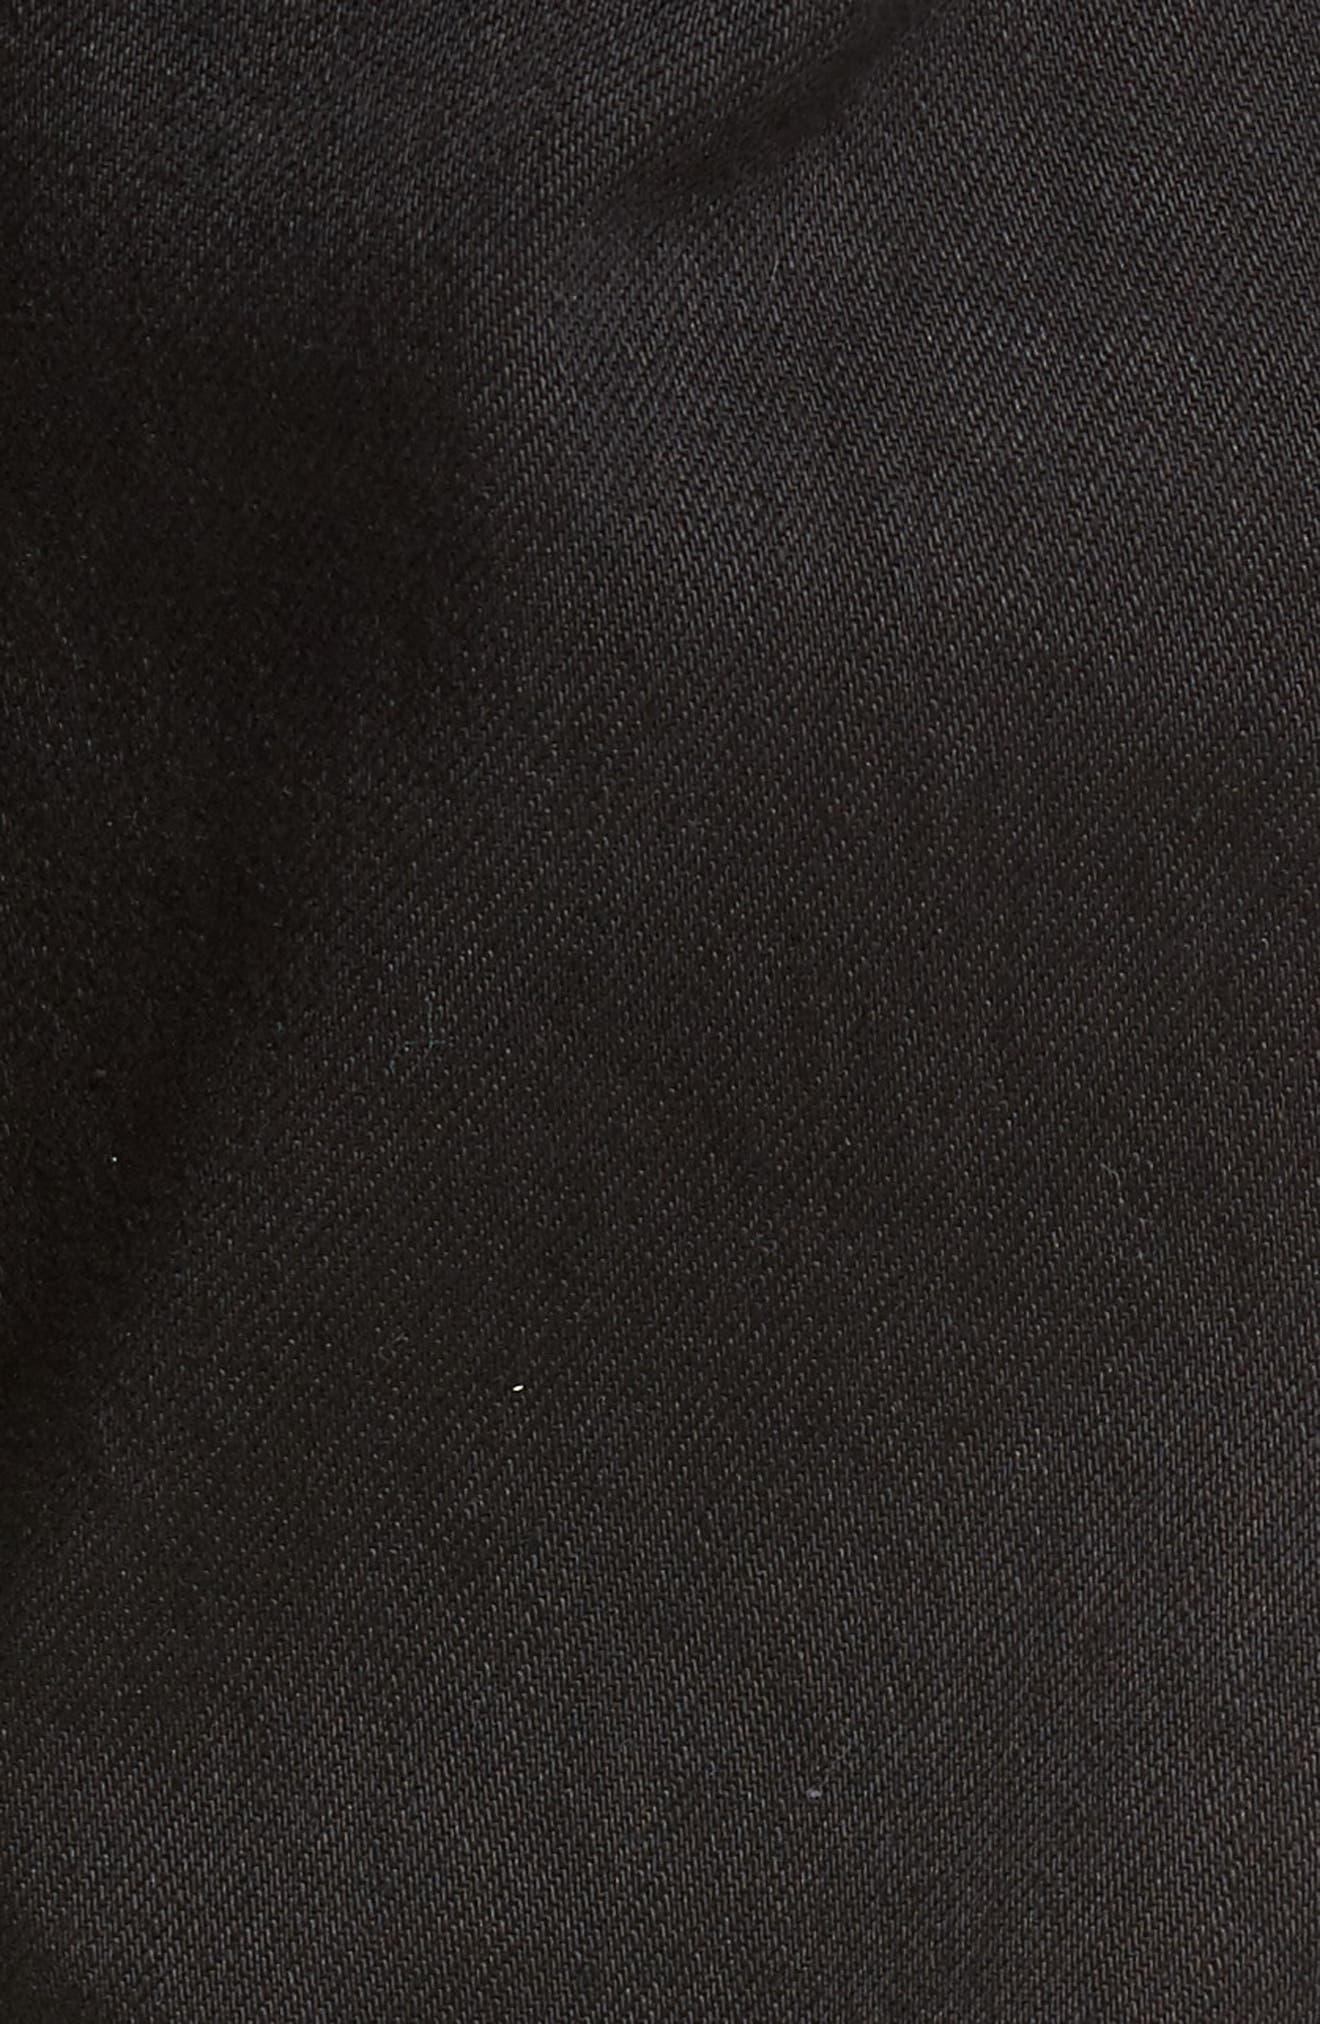 Demon Slim Straight Leg Jeans,                             Alternate thumbnail 5, color,